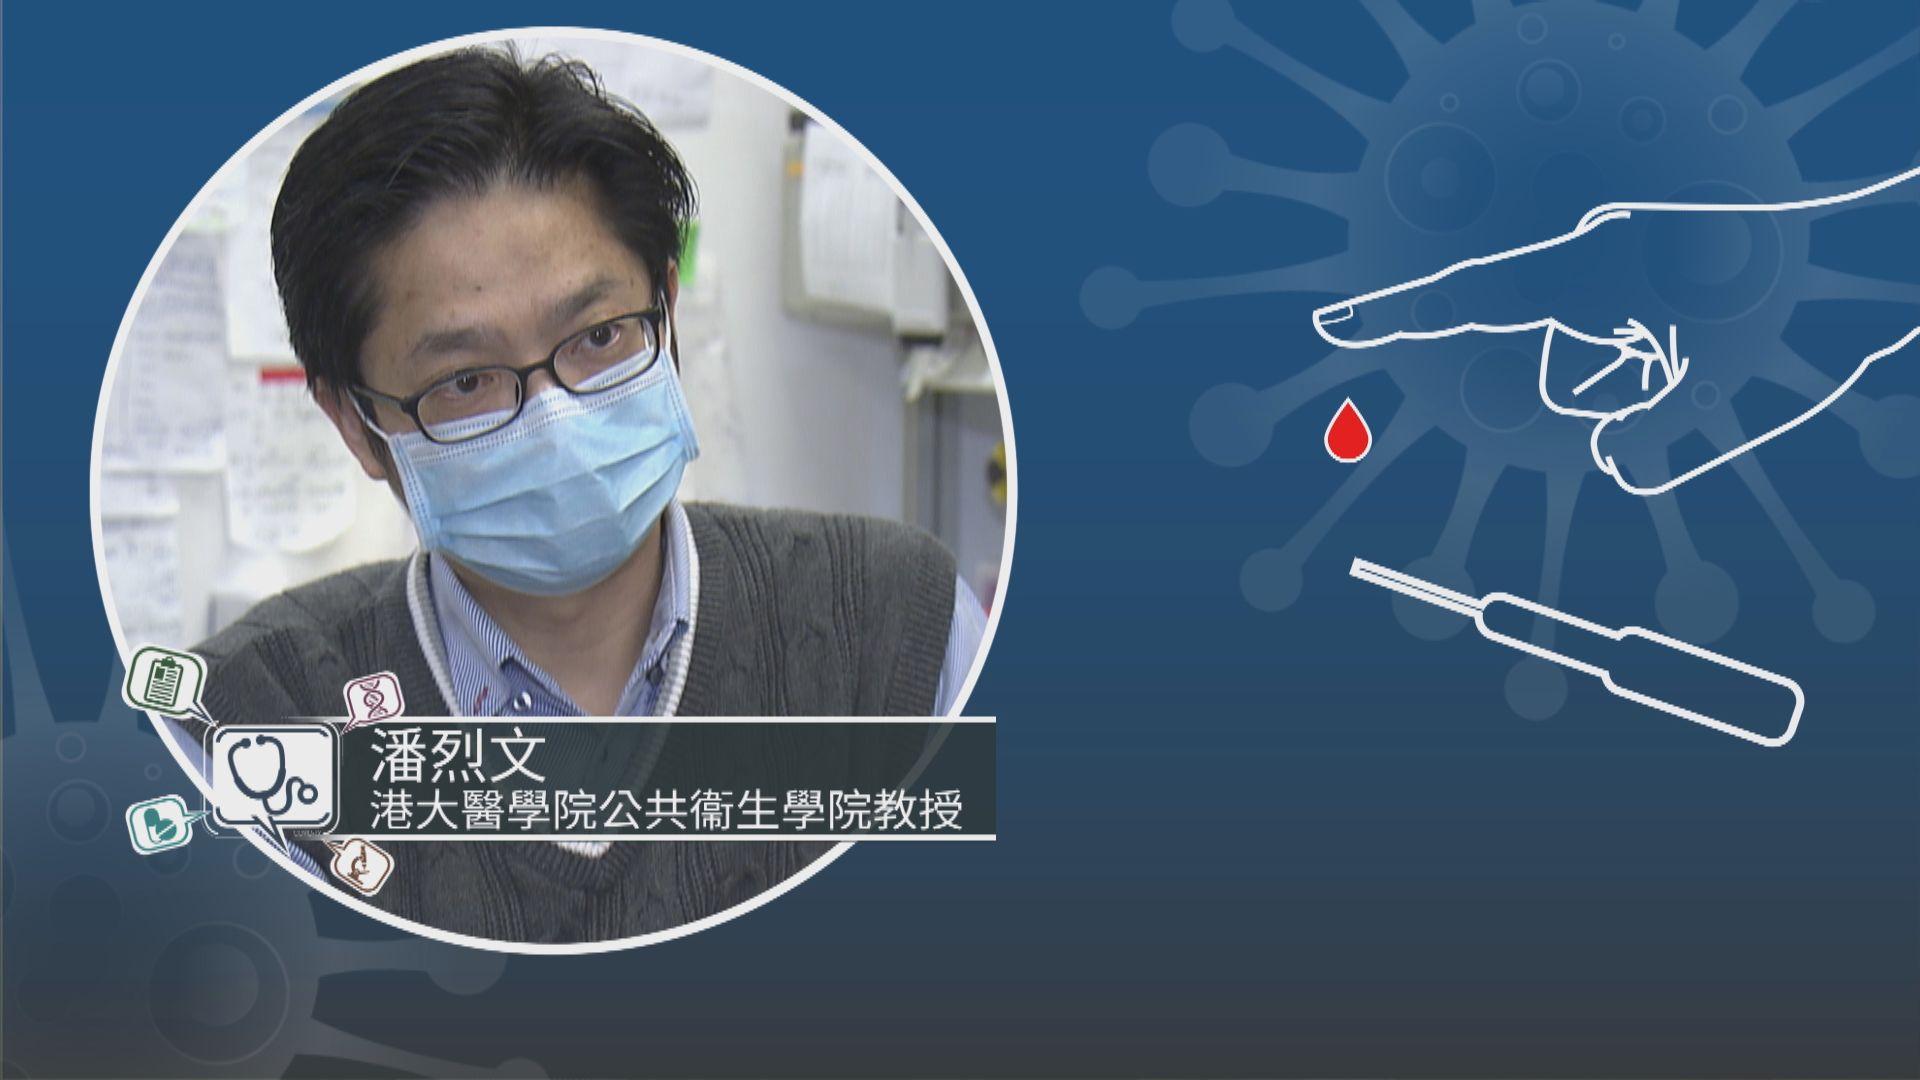 【專家話你知】新冠病毒血液測試是否可信?